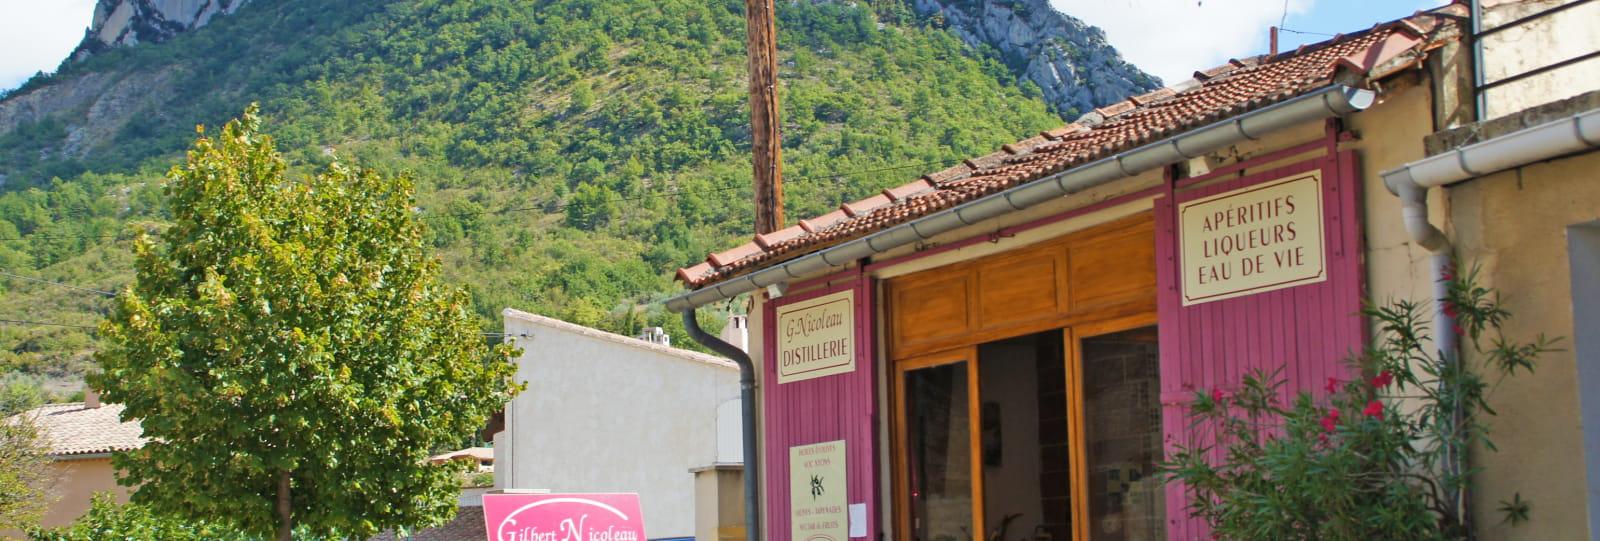 La Ferme d'Ollon - Distillerie Nicoleau